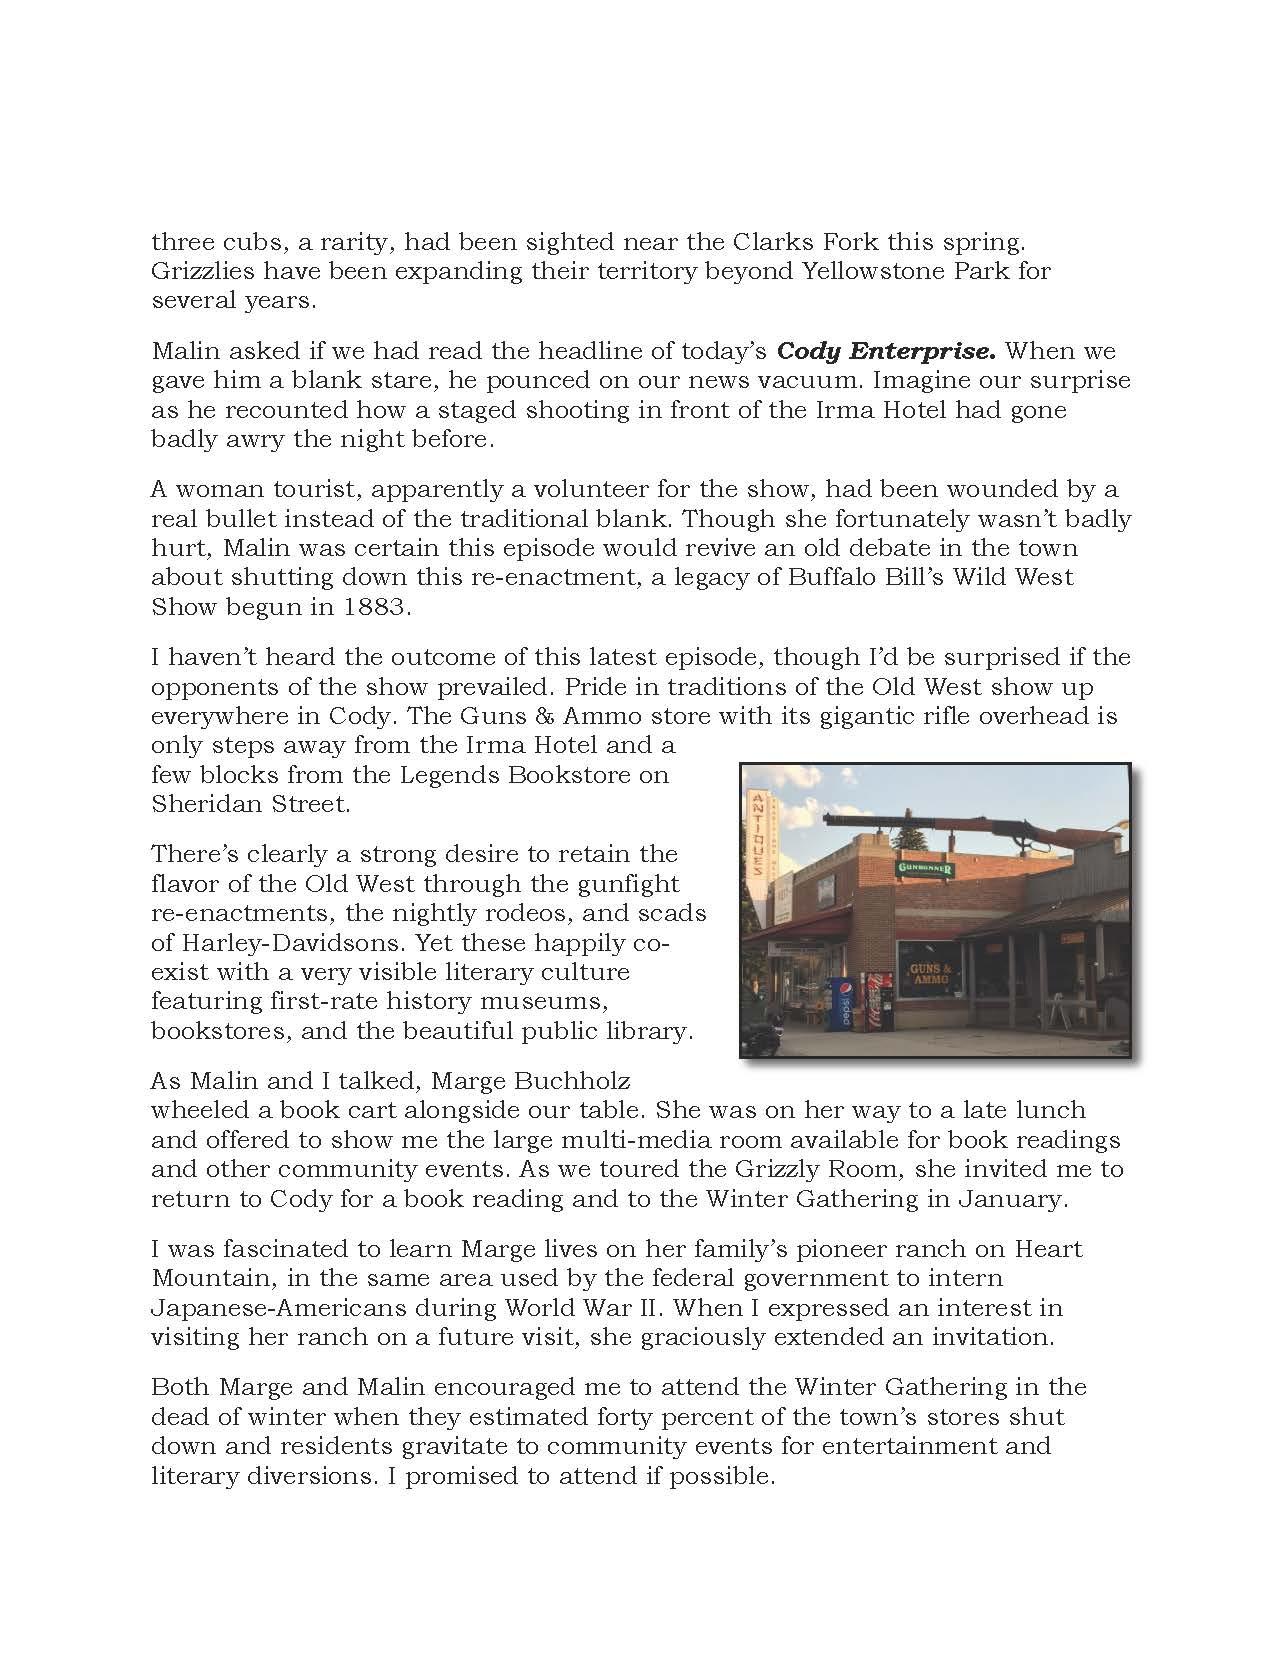 wyoming-book-tour-master-rev-10-23-16-1_page_12